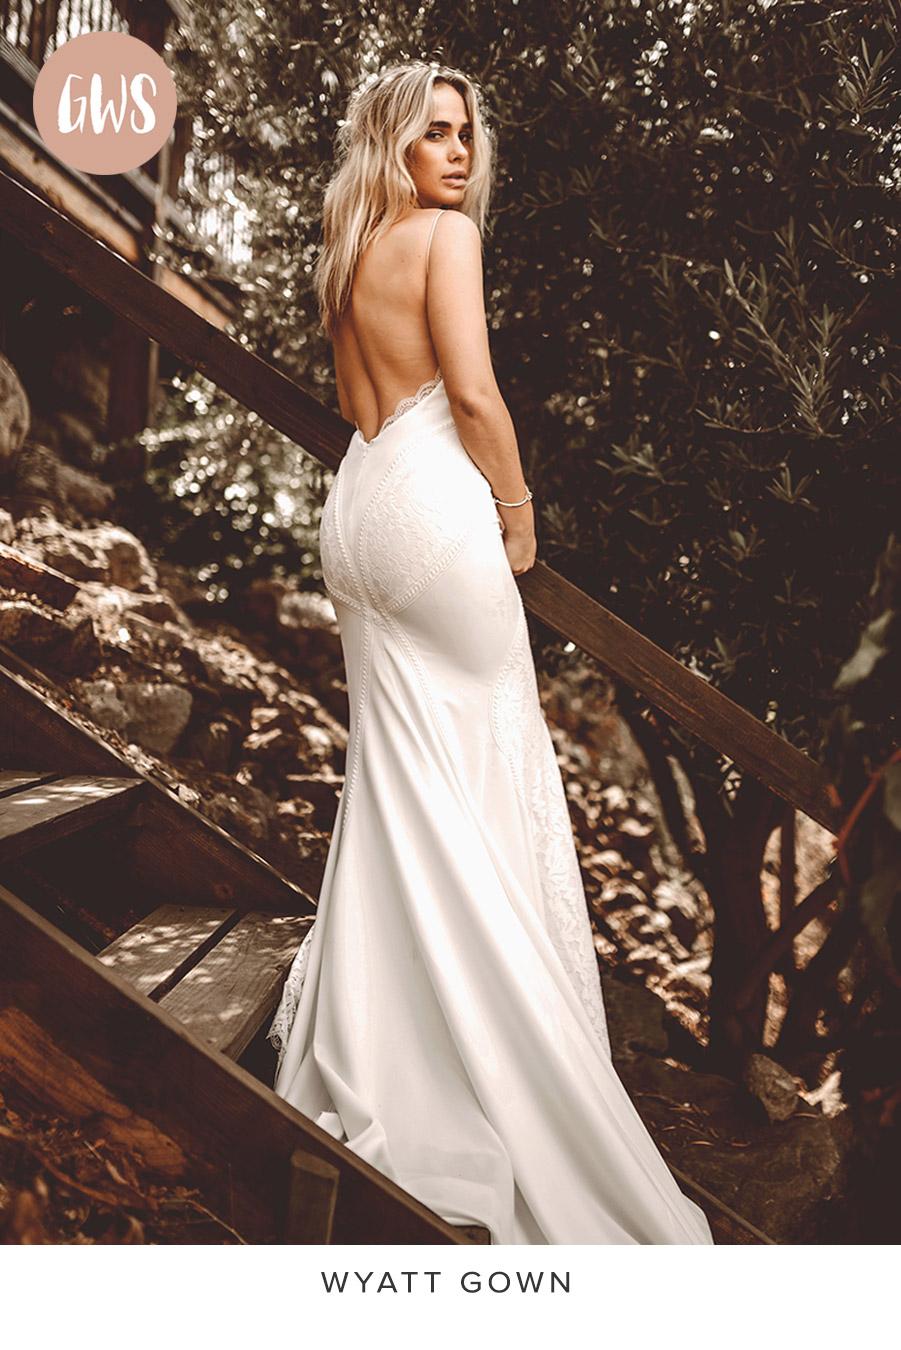 Wyatt Gown